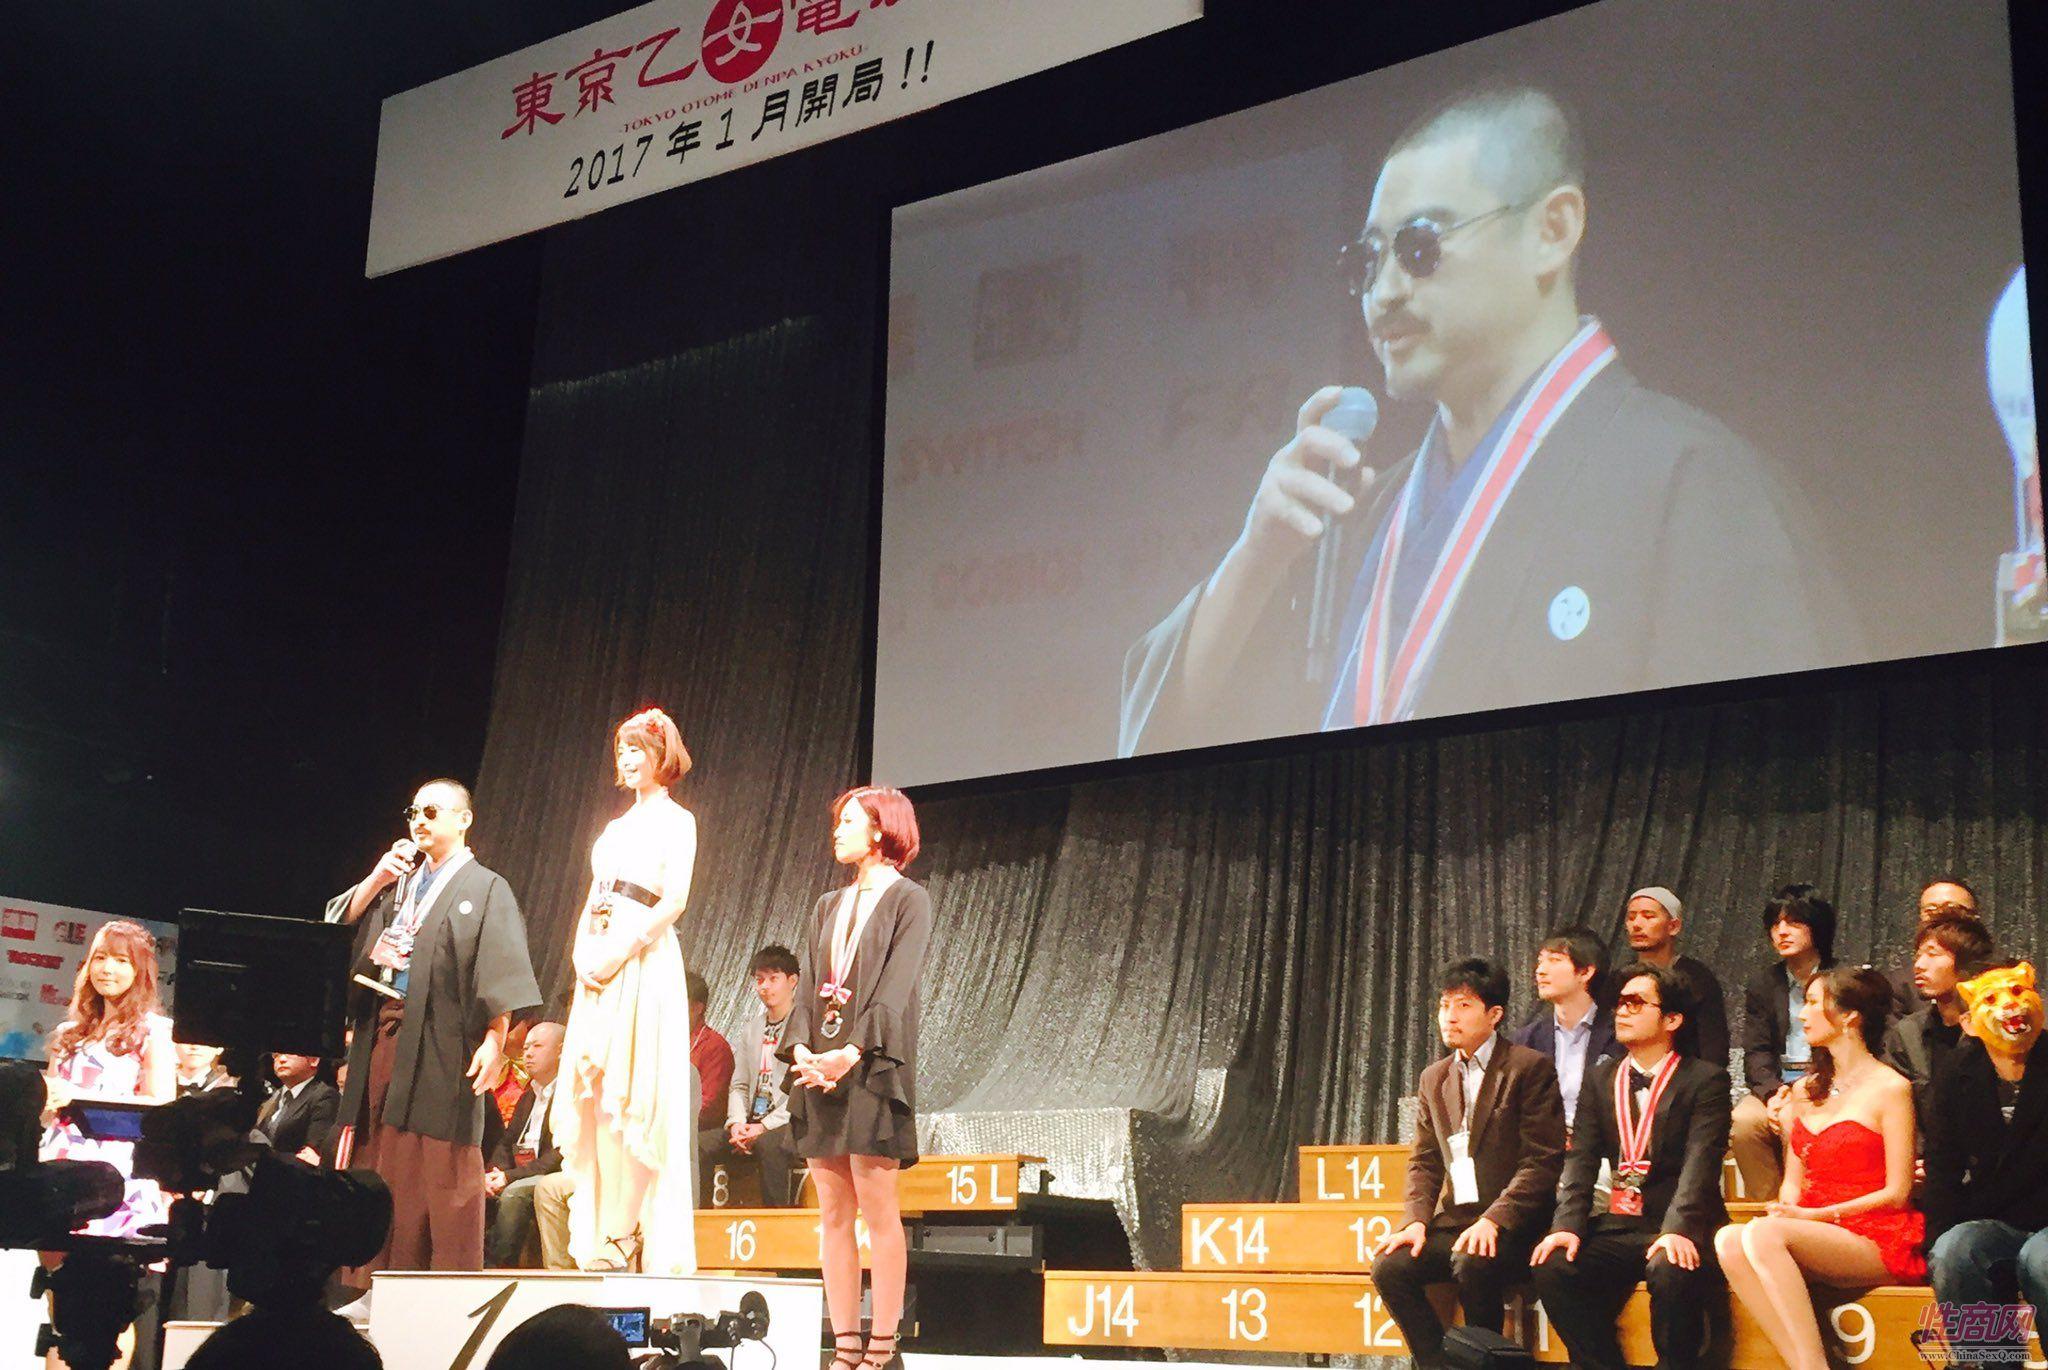 2016日本成人展JapanAdultExpo颁奖典礼2图片23